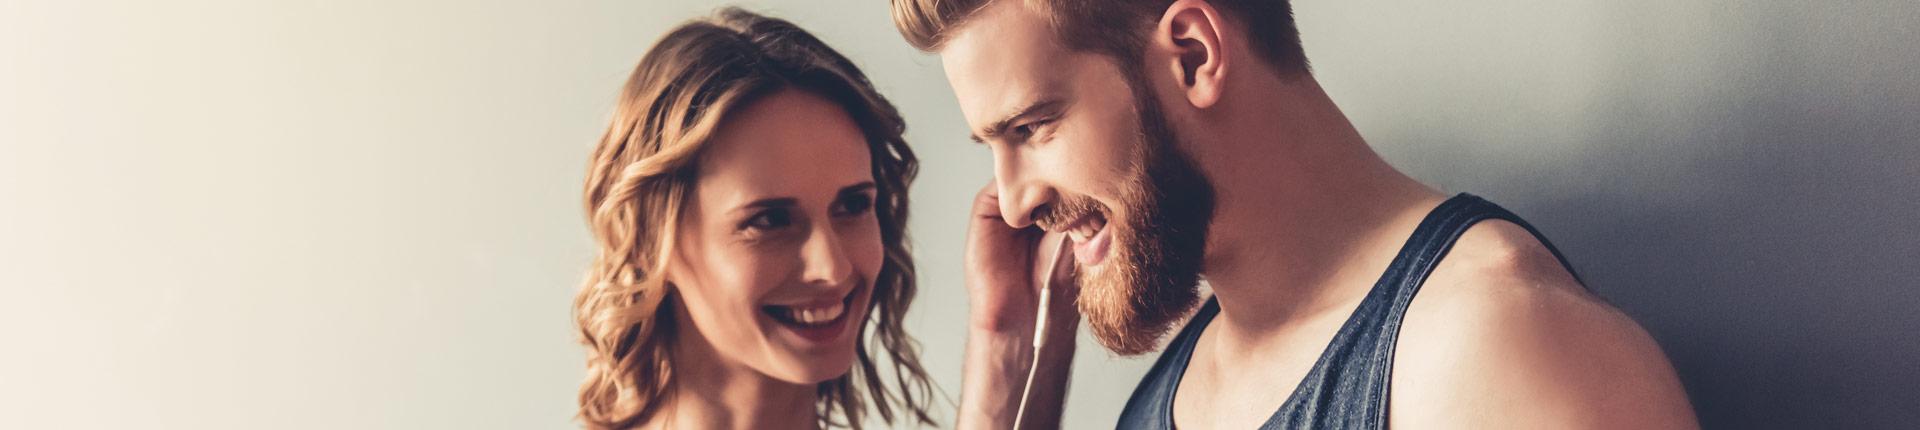 Dlaczego zarówno kobiety, jak i mężczyźni potrzebują suplementów kolagenowych?